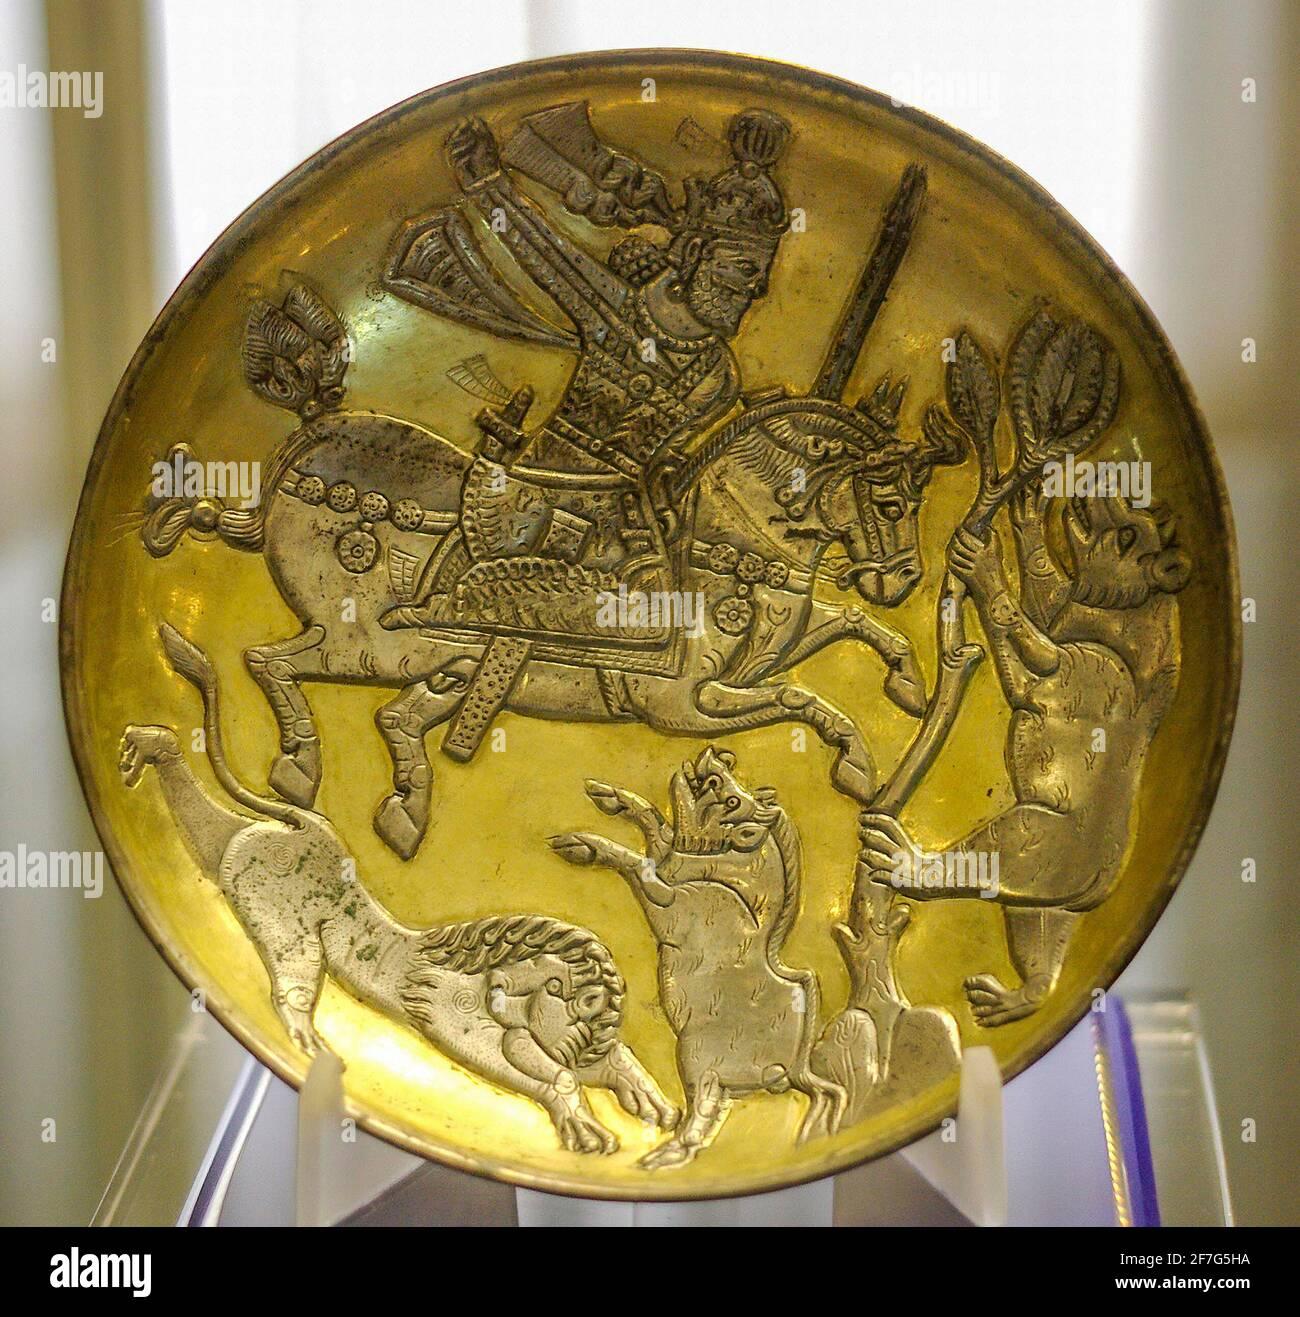 Piatto d'argento dorato sasaniano raffigurante il Re che caccia un leone, un cinghiale e un orso, Museo Tabriz, Iran. Foto Stock